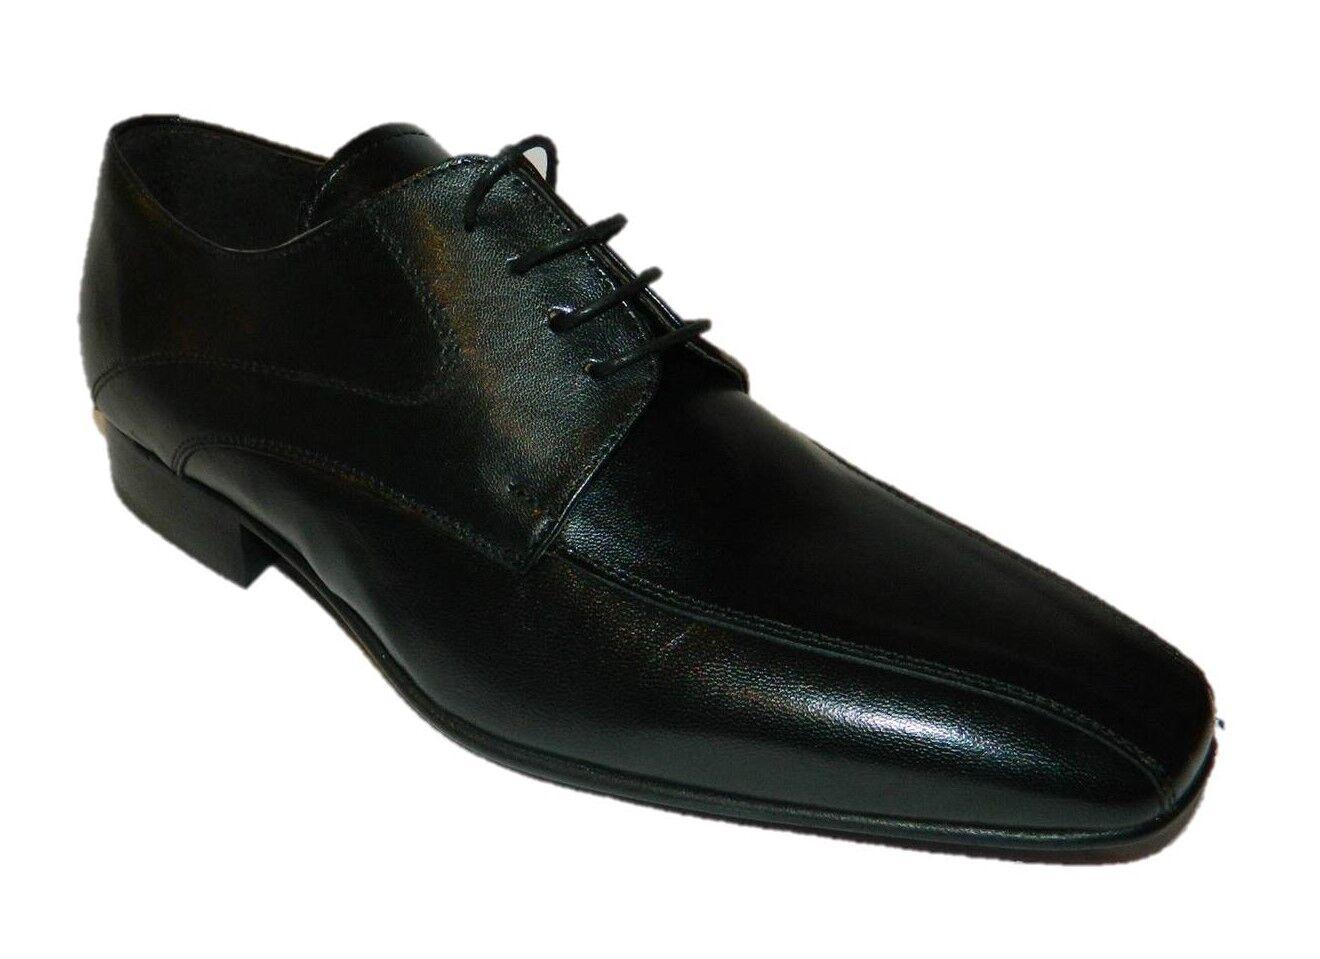 GIGI NERO Scarpe uomo elegante cerimonia classiche nero cuoio pelle Italy